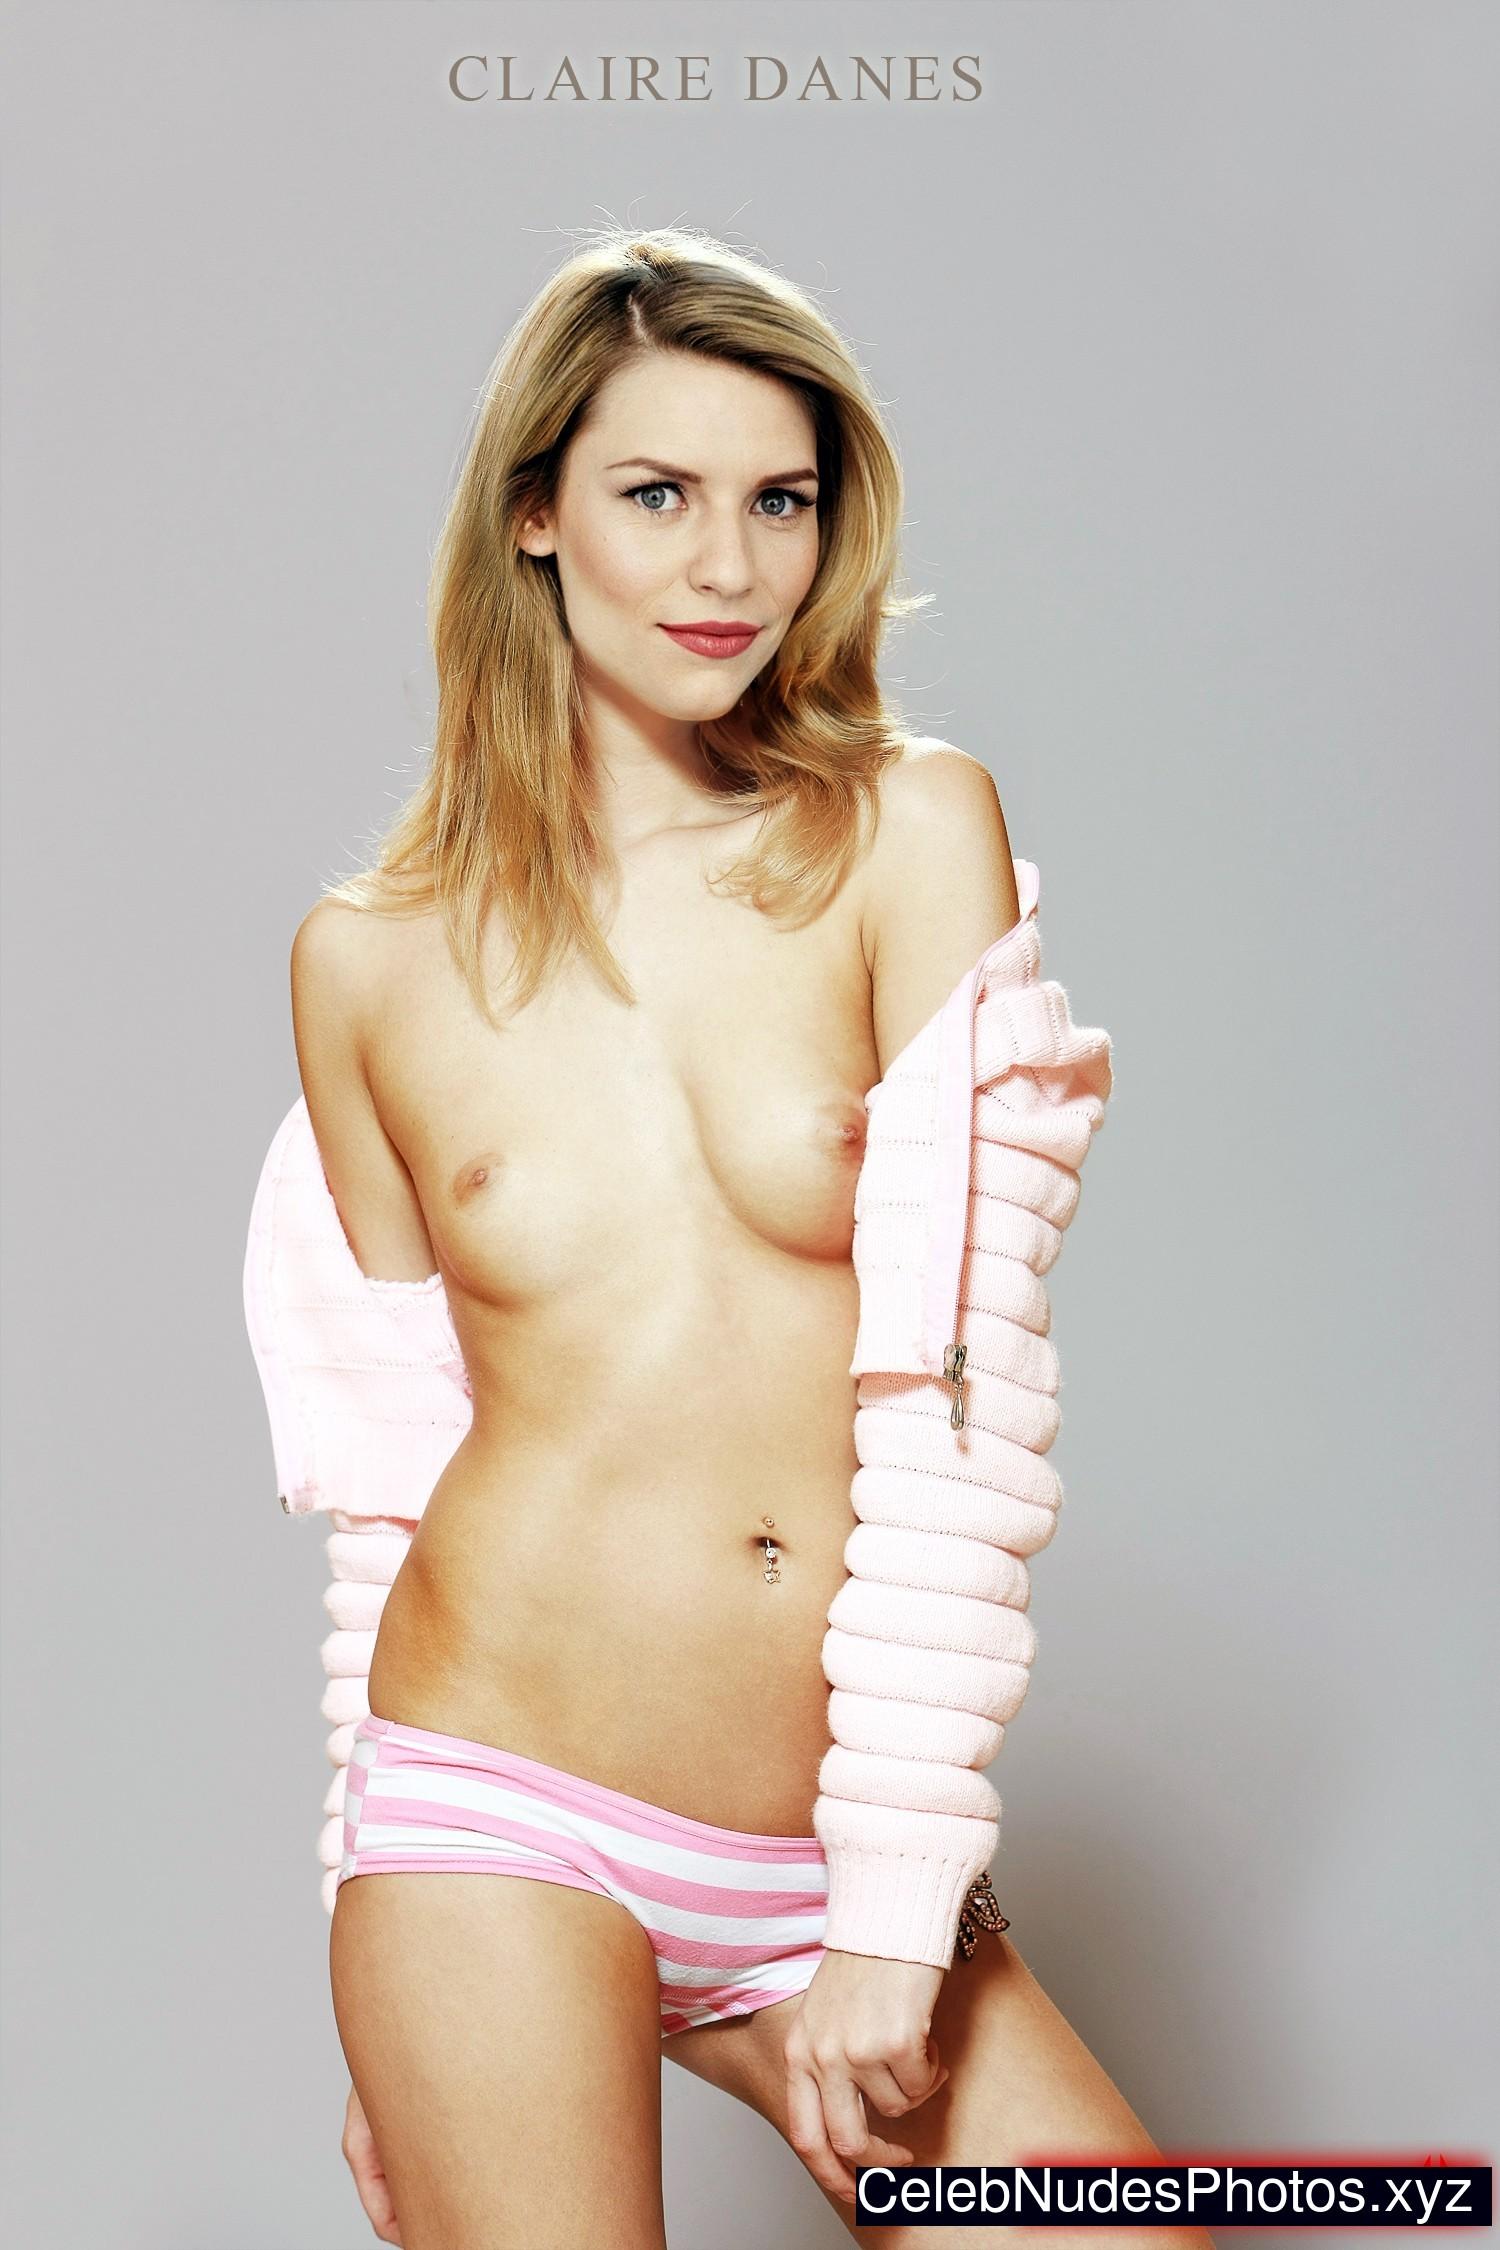 clair danes nude